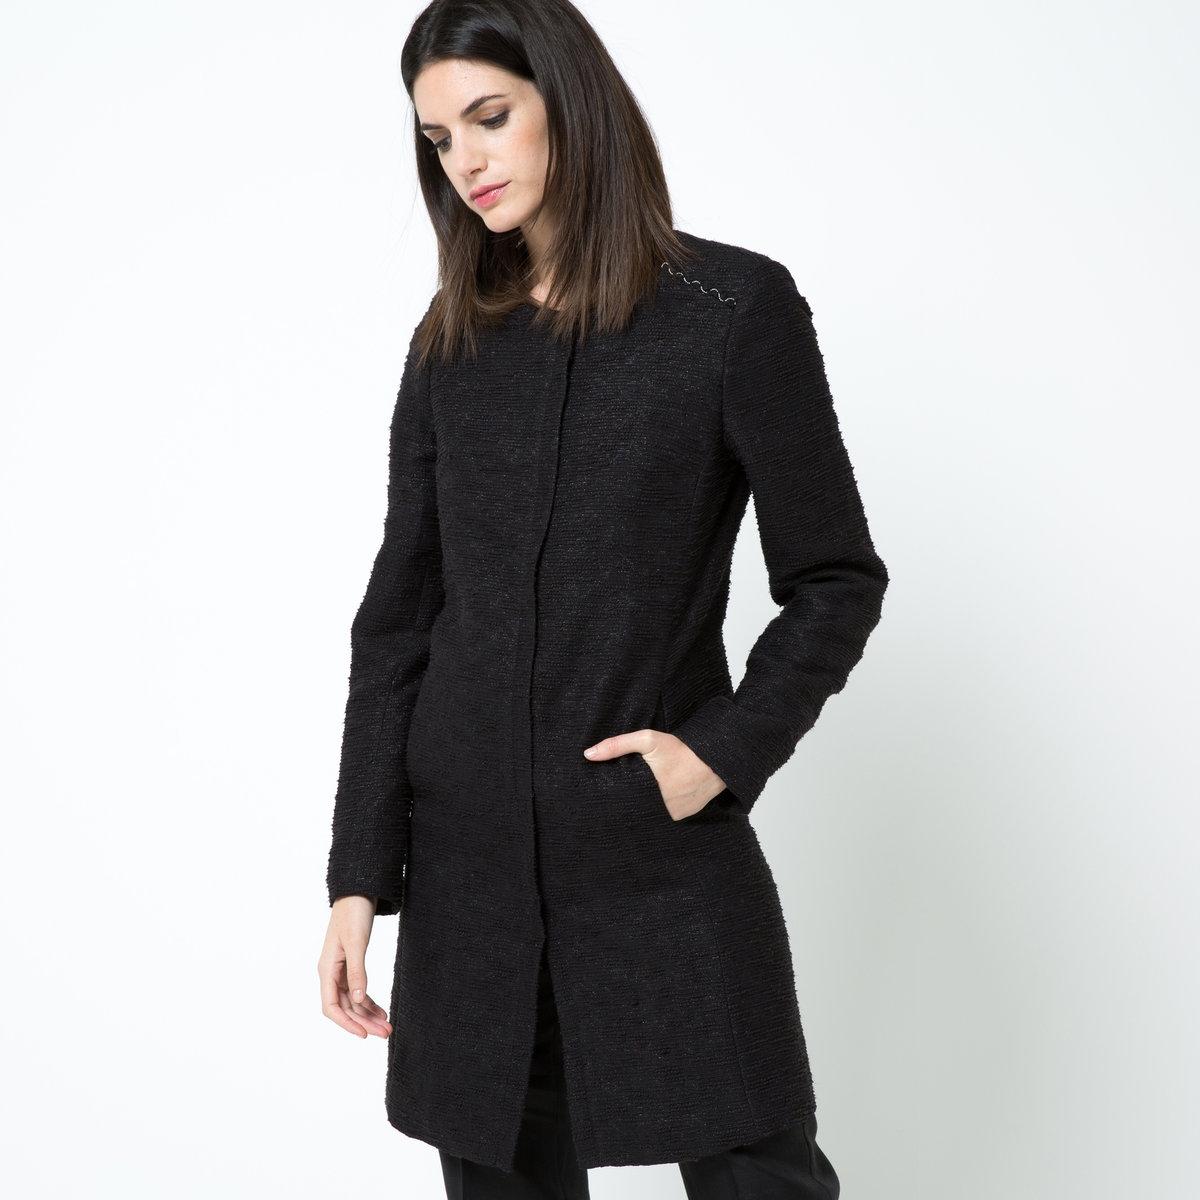 Пальто летнее из твидаЛетнее пальто без воротника, 62% хлопка, 38% полиэстера. Плетеные вставки с серебристыми цепочками на плечах. Супатная застежка на молнию. Карманы в боковых швах. Шлица сзади. Жаккардовая подкладка из 100% полиэстера. Длина: ок.90 см.<br><br>Цвет: черный<br>Размер: 34 (FR) - 40 (RUS).38 (FR) - 44 (RUS)